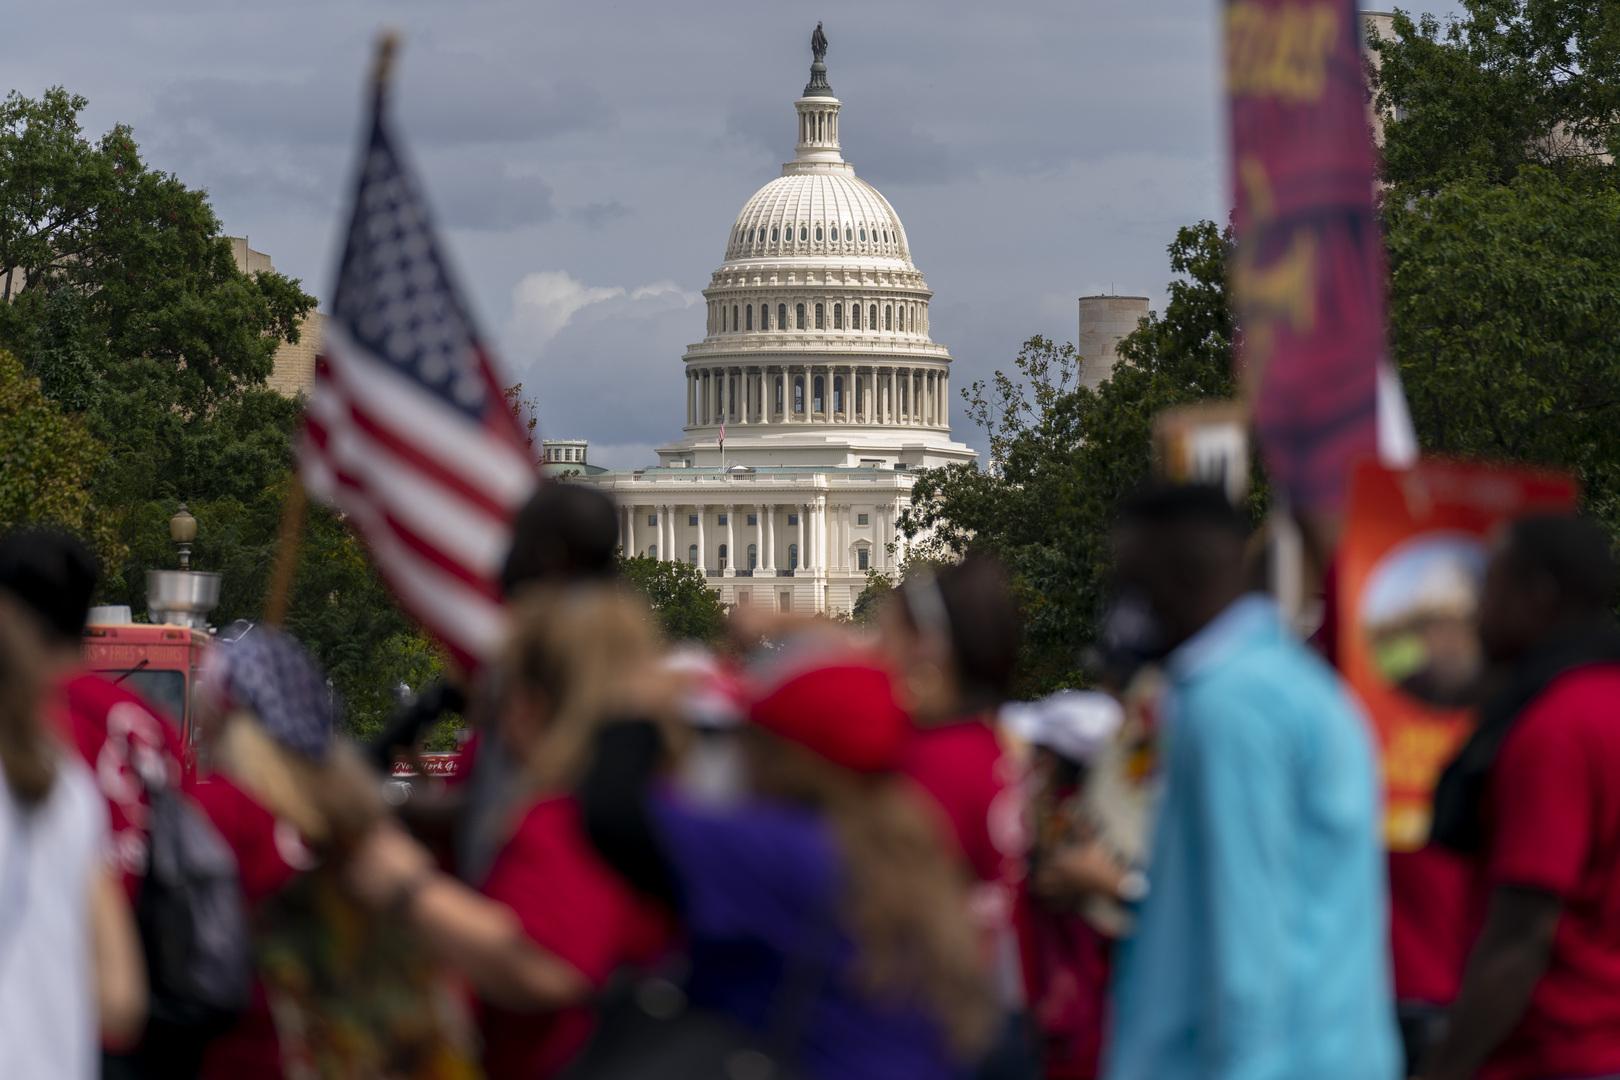 مجلس النواب الأمريكي بتحرك من الديمقراطيين يلغي مؤقتا تمويل القبة الحديدية الإسرائيلية